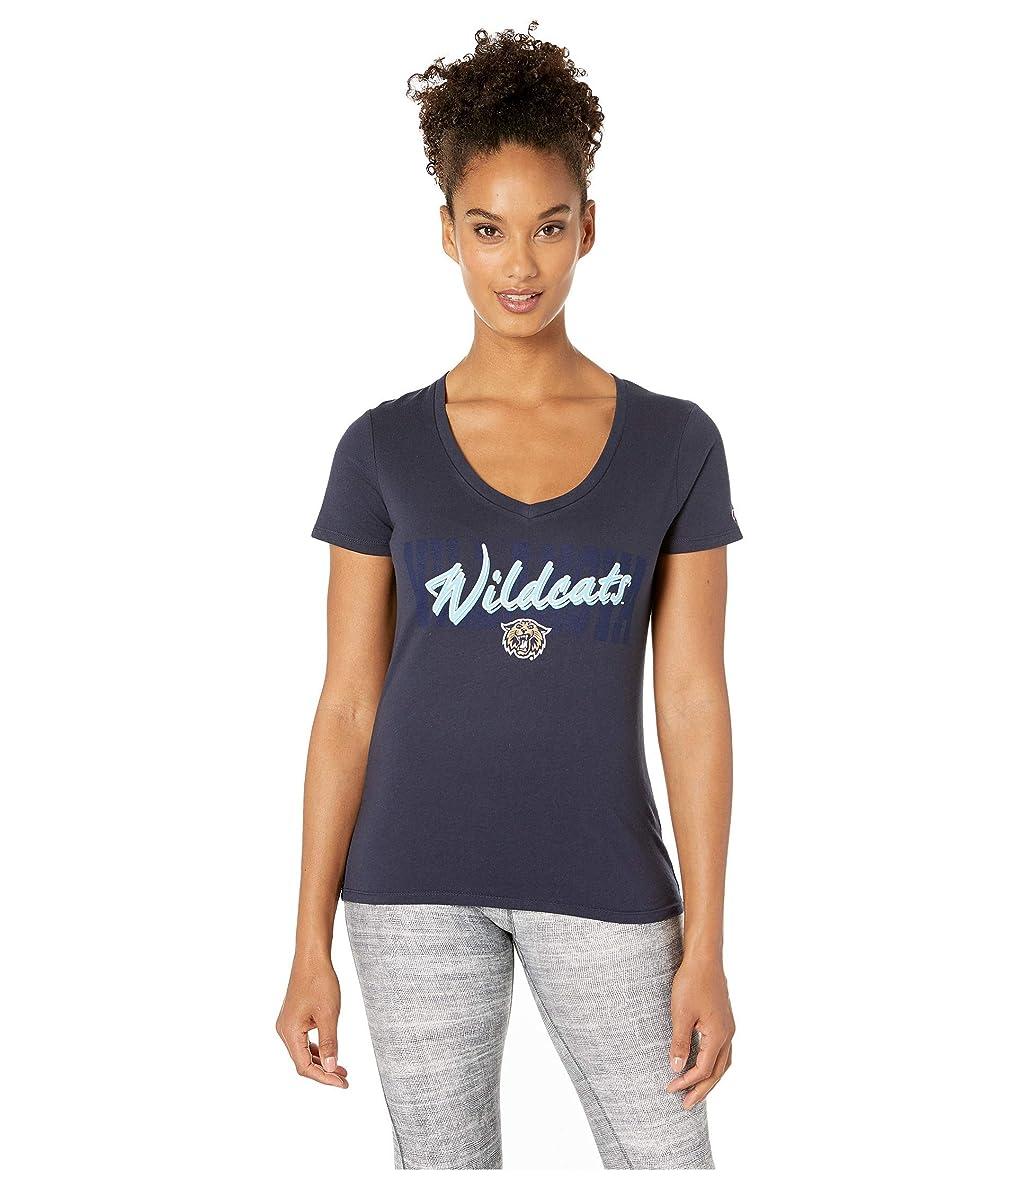 勘違いする準備する魔術師[チャンピオン] レディース シャツ Villanova Wildcats University V-Neck Tee [並行輸入品]